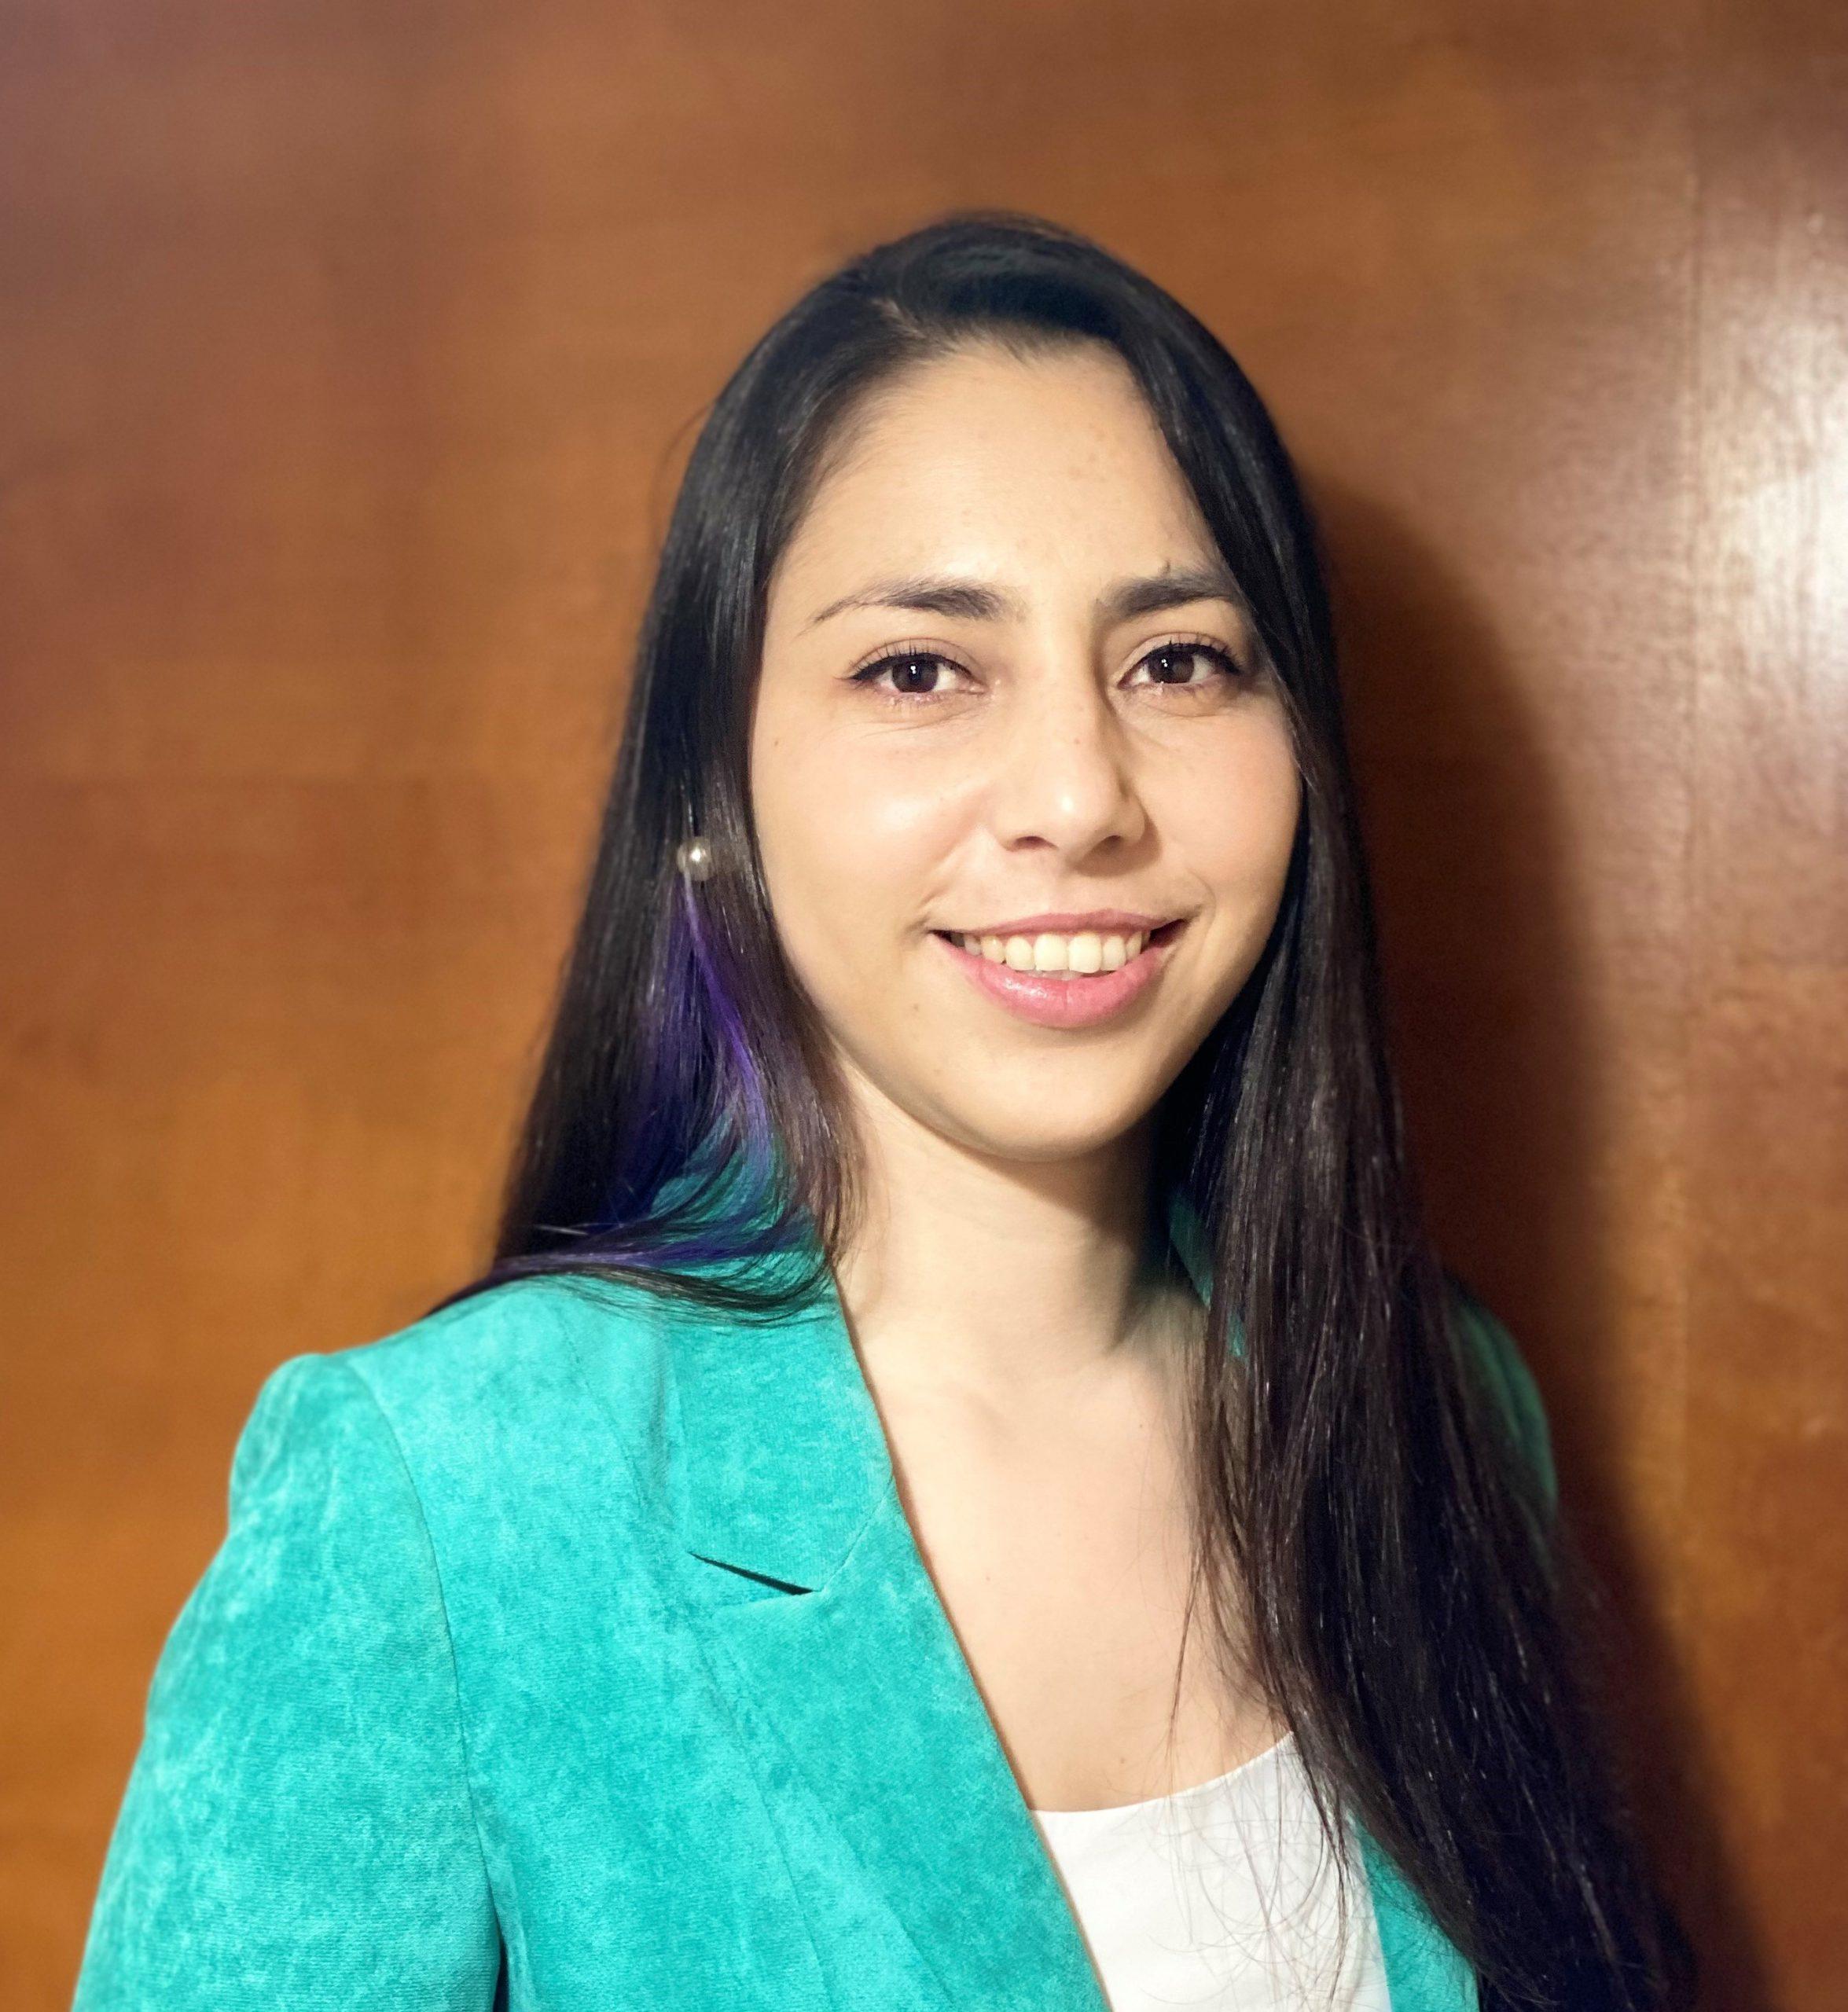 Geraldine Suazo